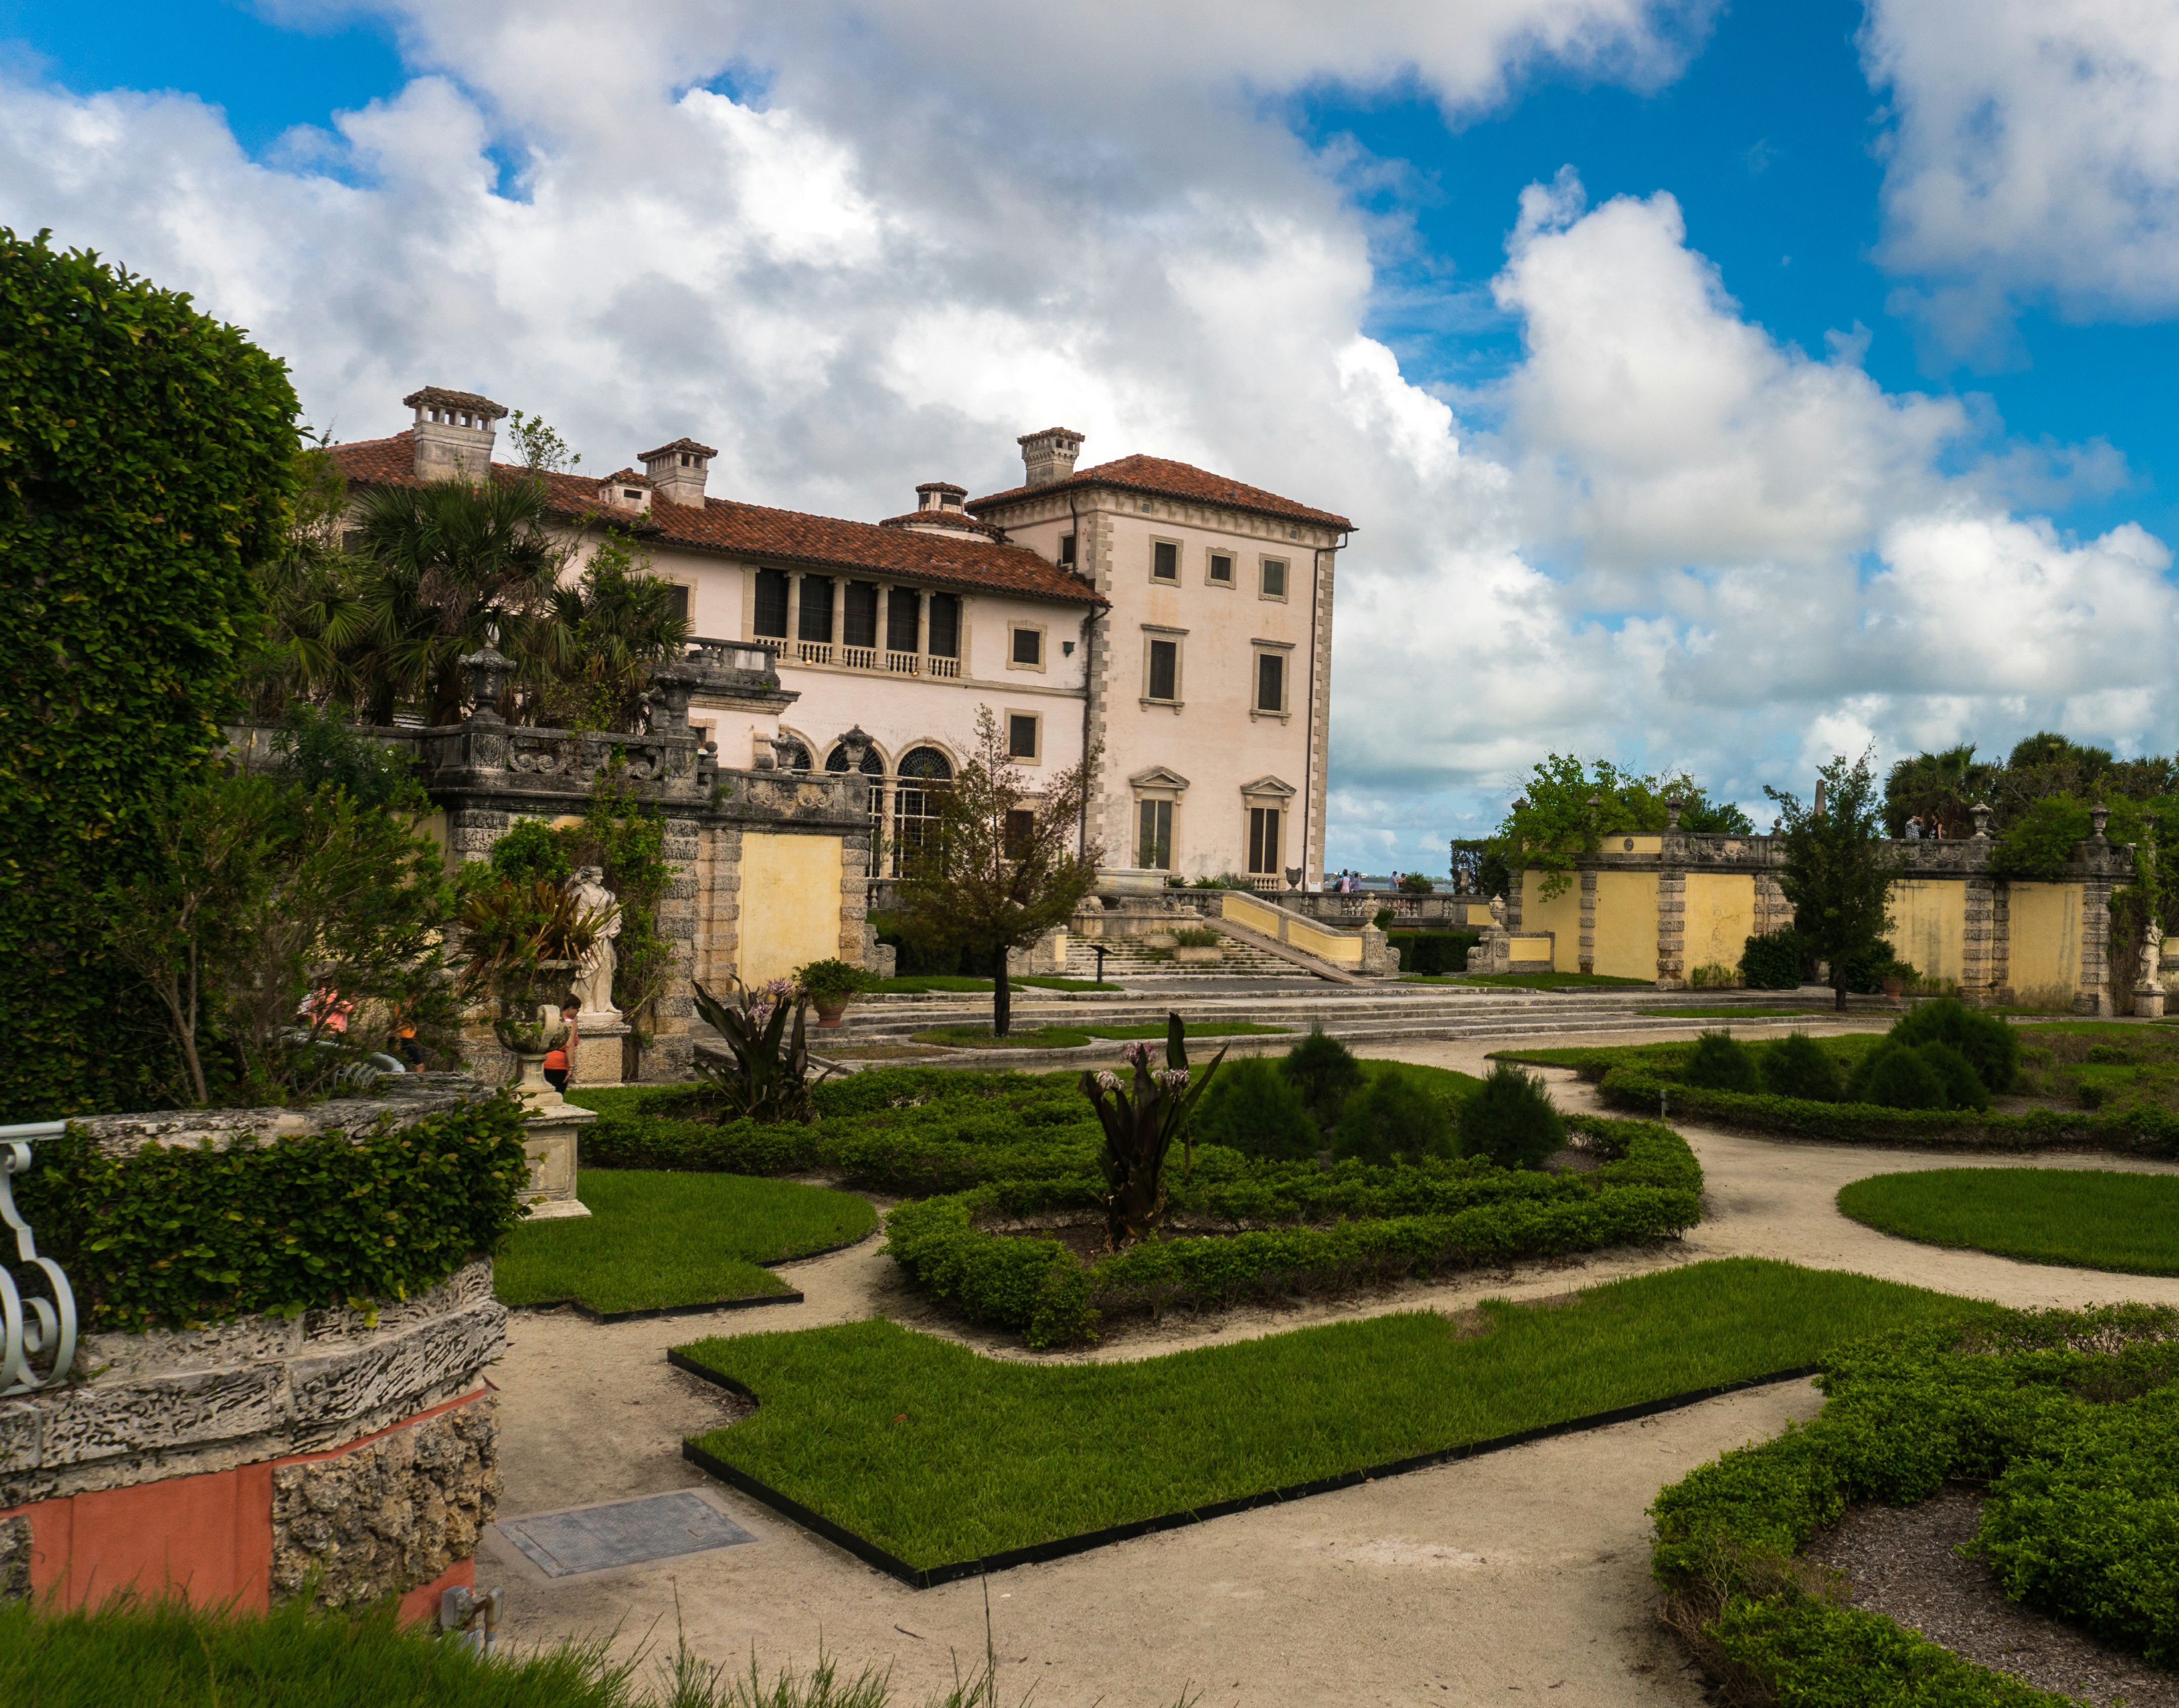 Cesar Sarmiento - Vizcaya Museum and Gardens, Miami, FL